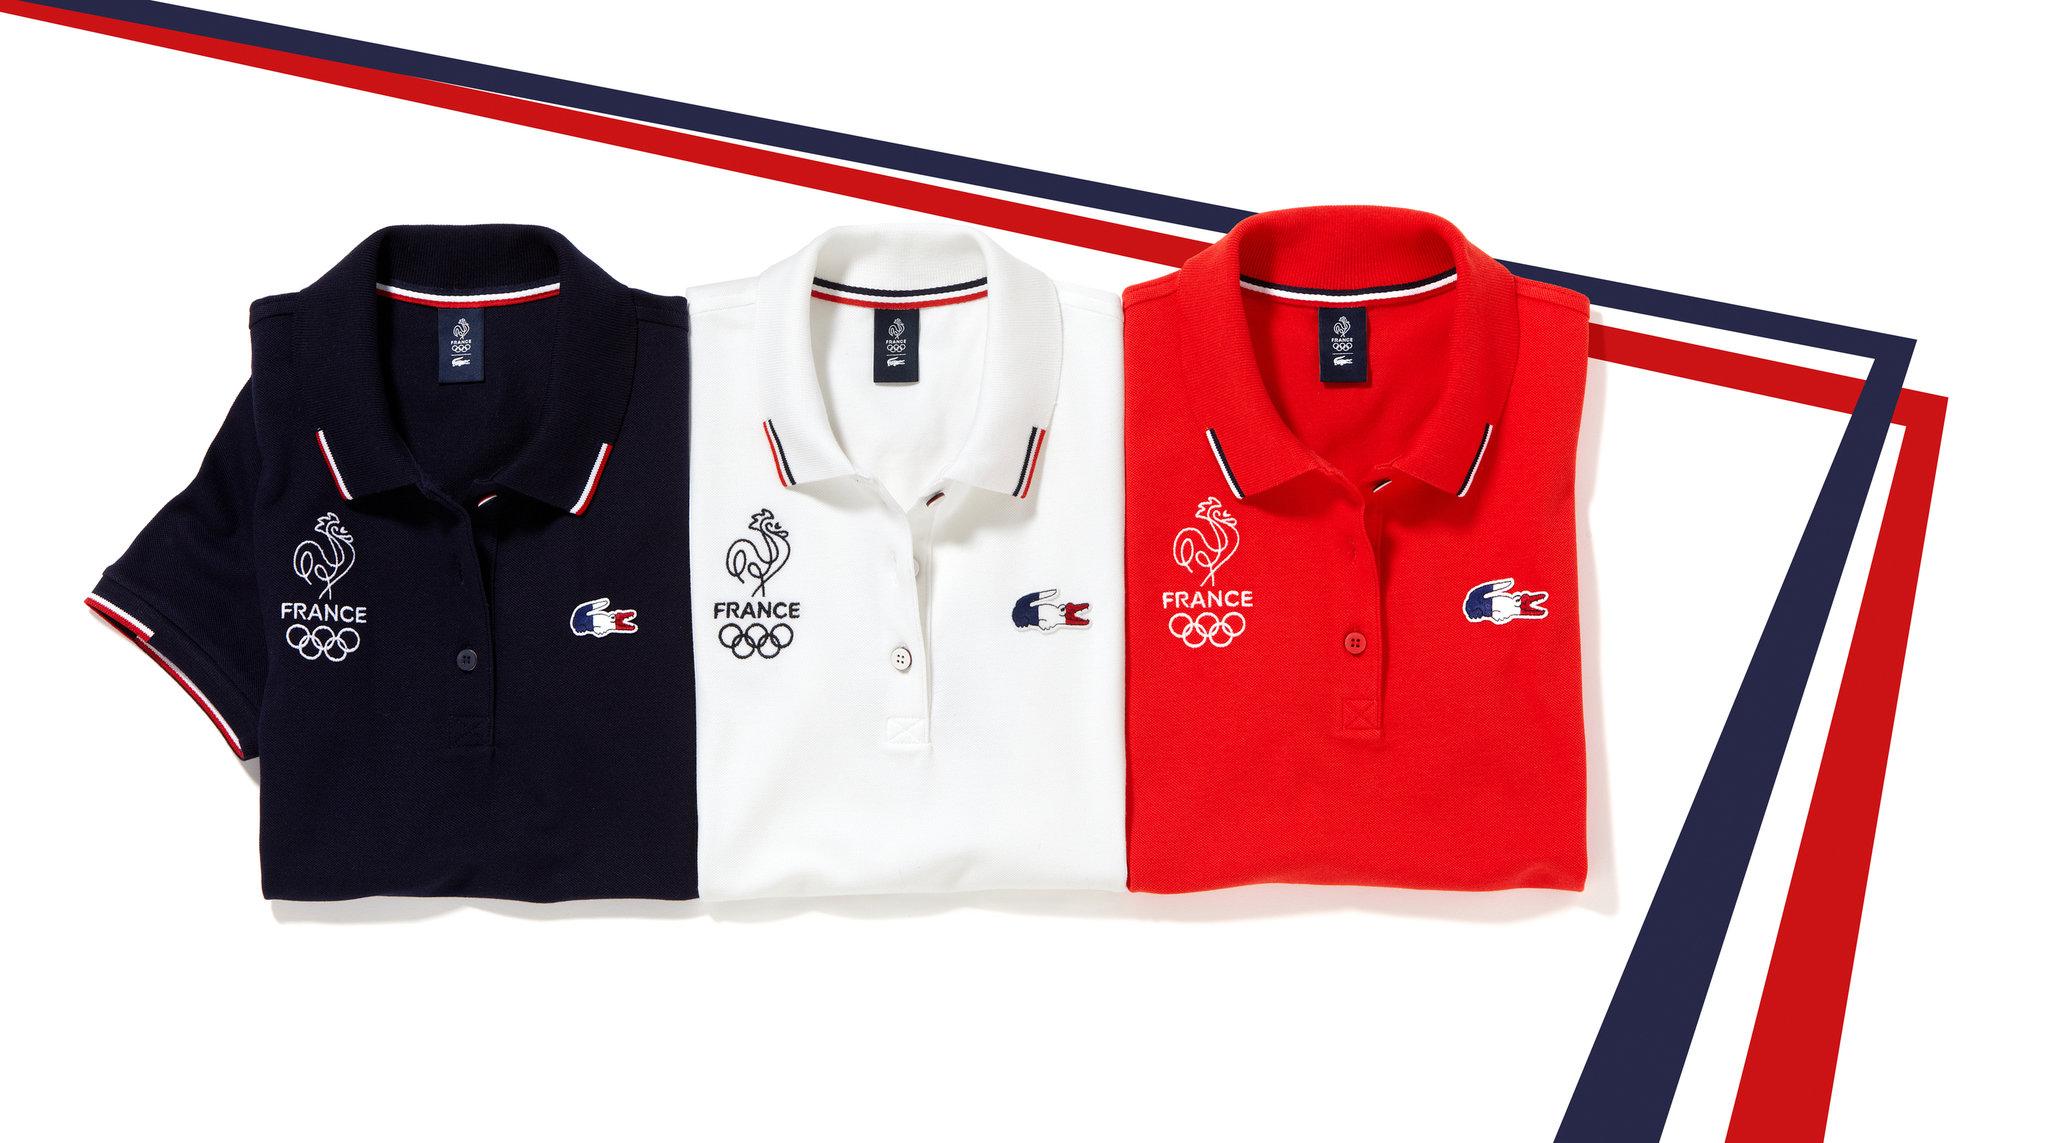 Značka Lacoste podpoří Francii na Olympijských hrách v Riu